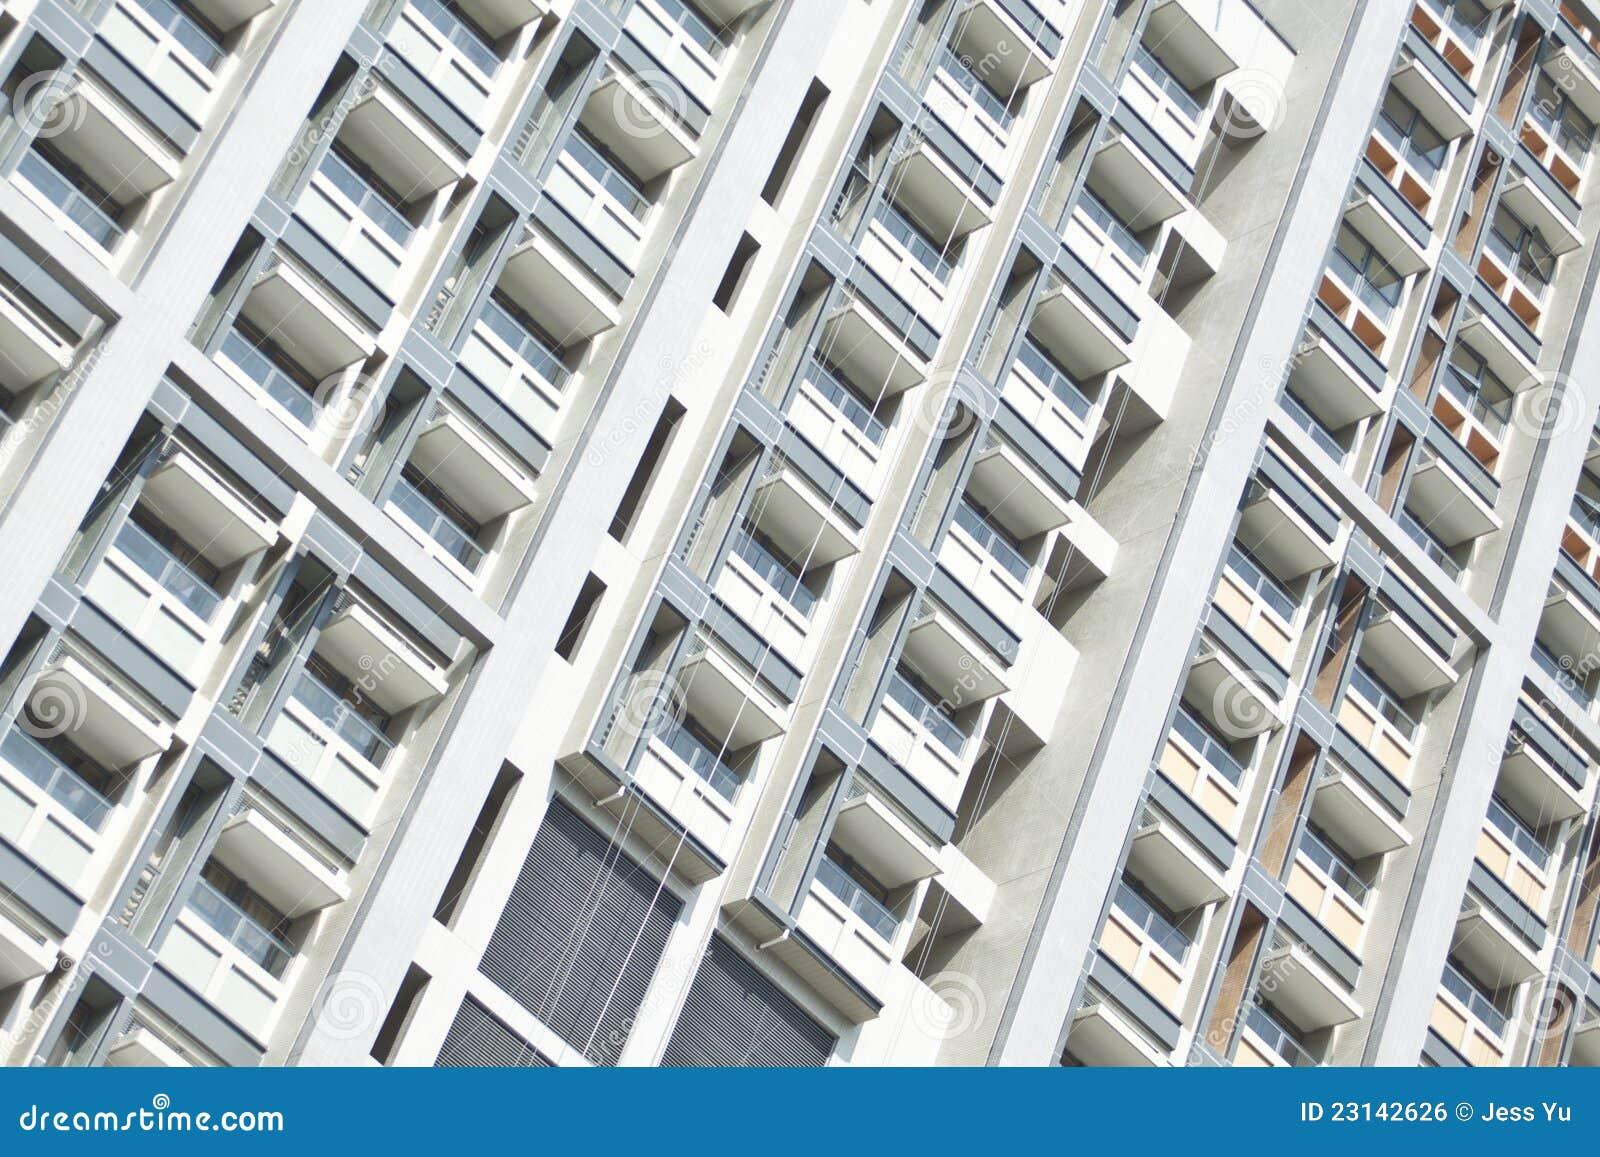 Hostel Windows Of University Royalty Free Stock Image ...